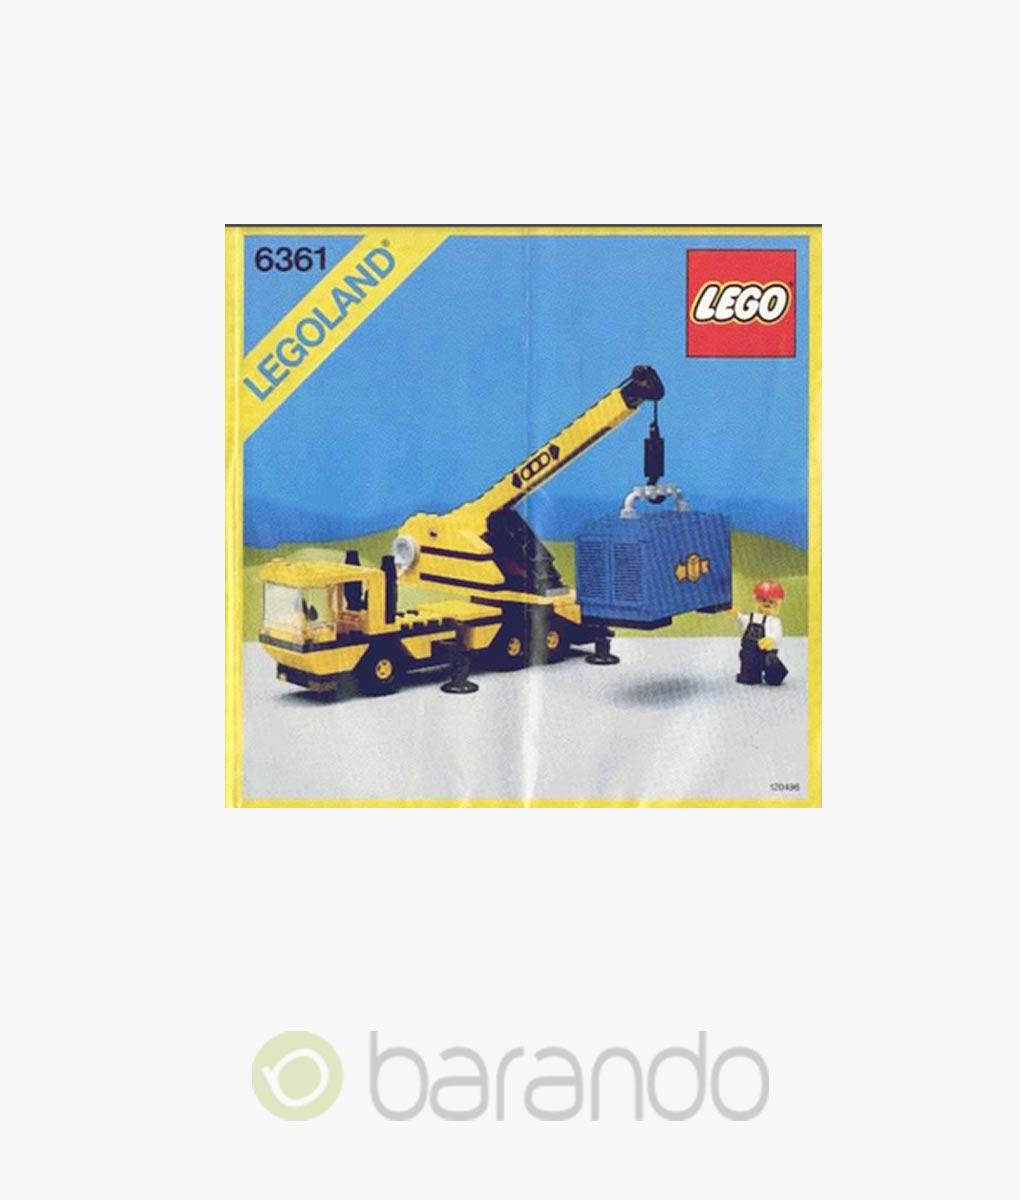 LEGO City 6361 Kranwagen Set kaufen